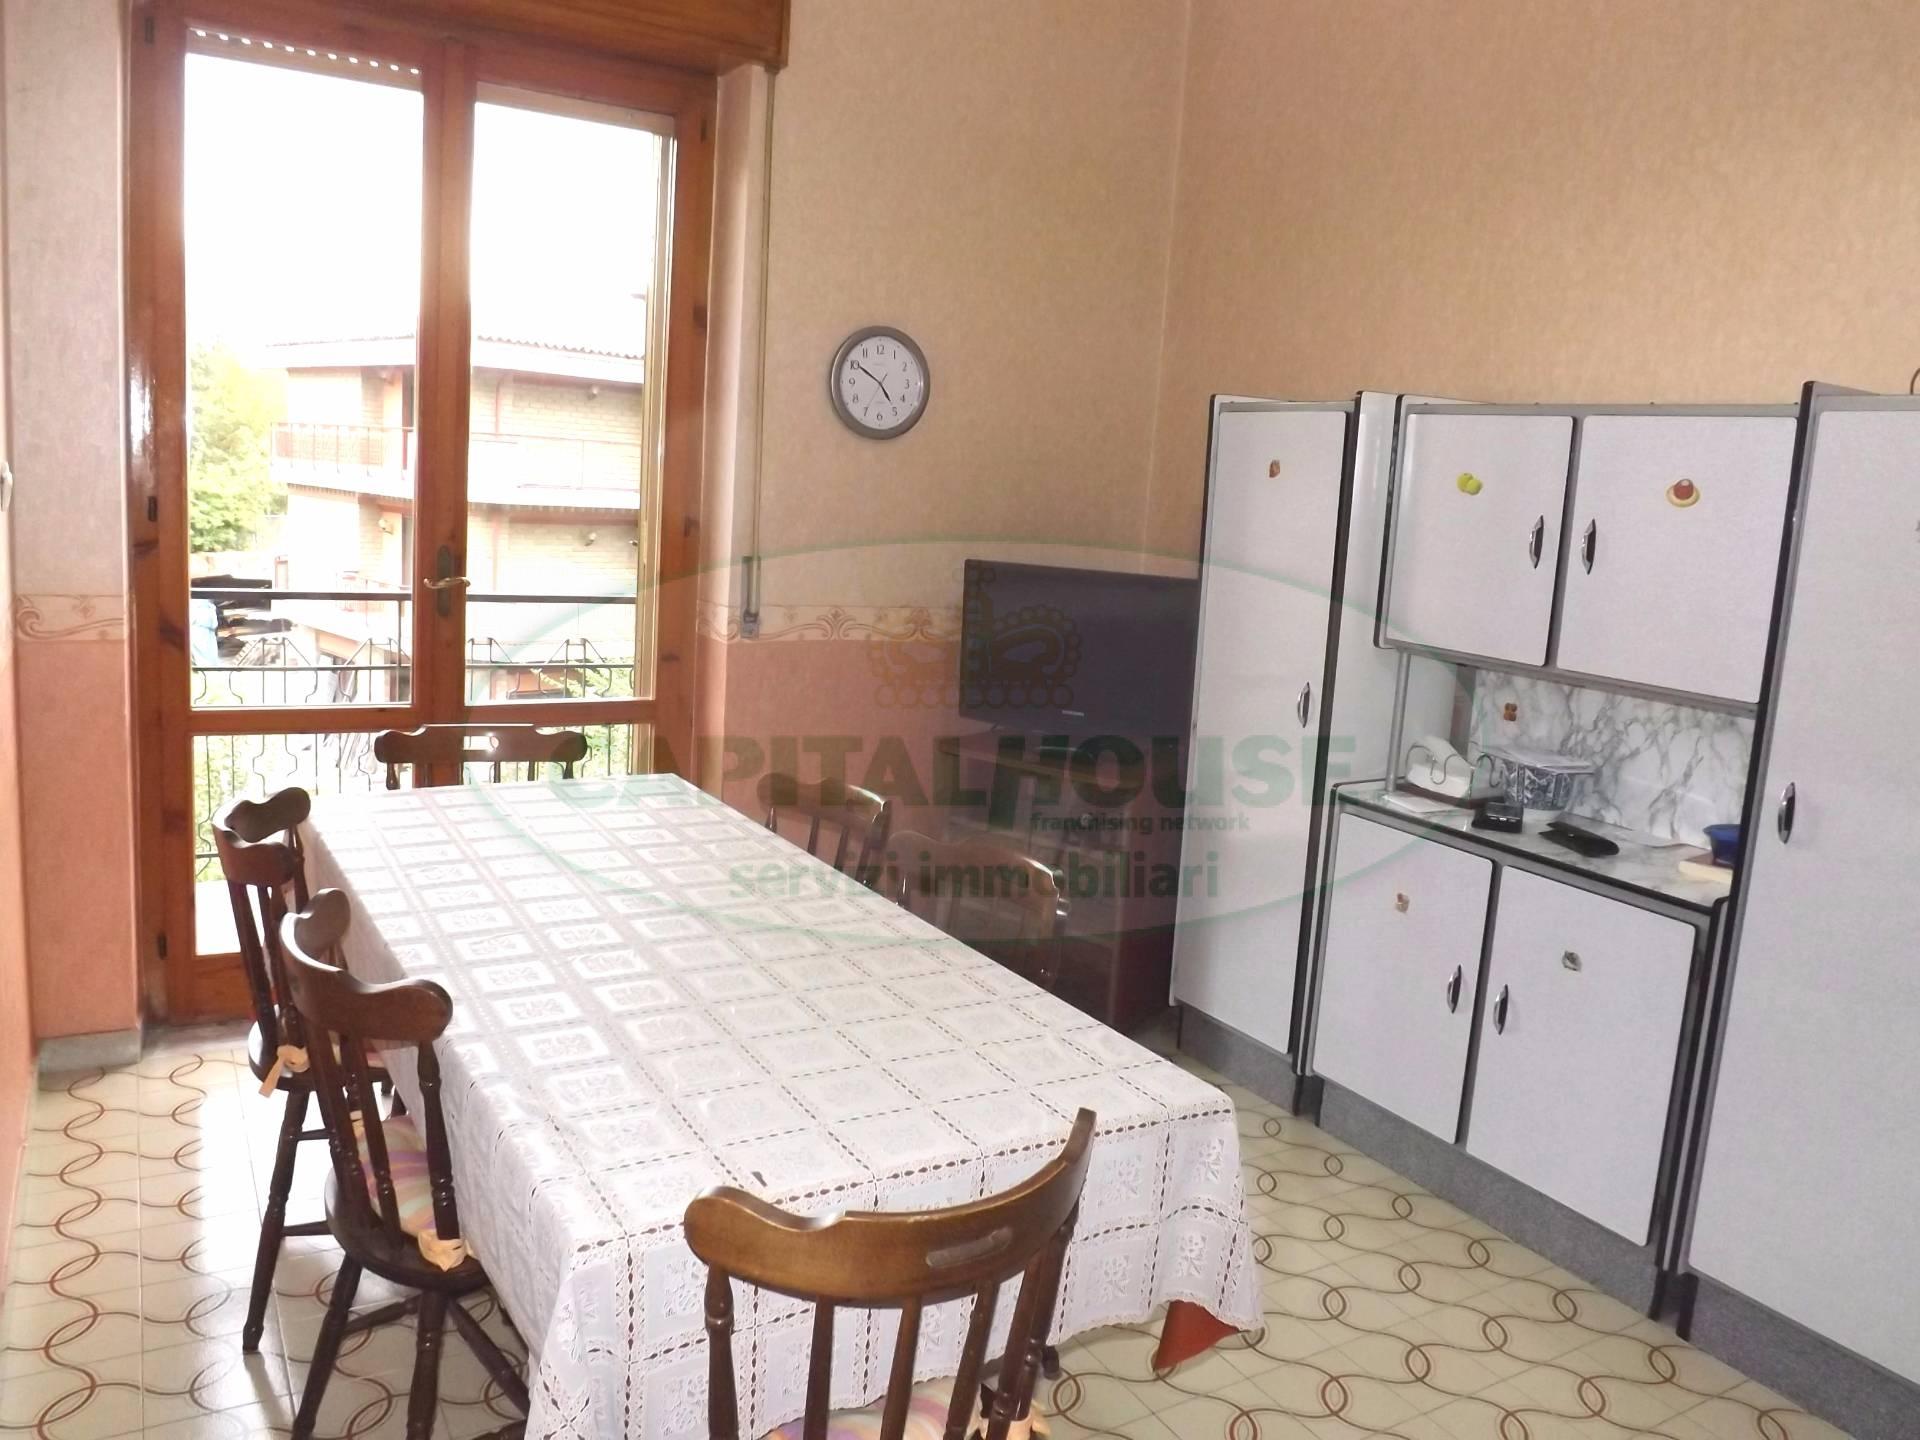 Appartamento in vendita a Aiello del Sabato, 4 locali, prezzo € 80.000 | CambioCasa.it